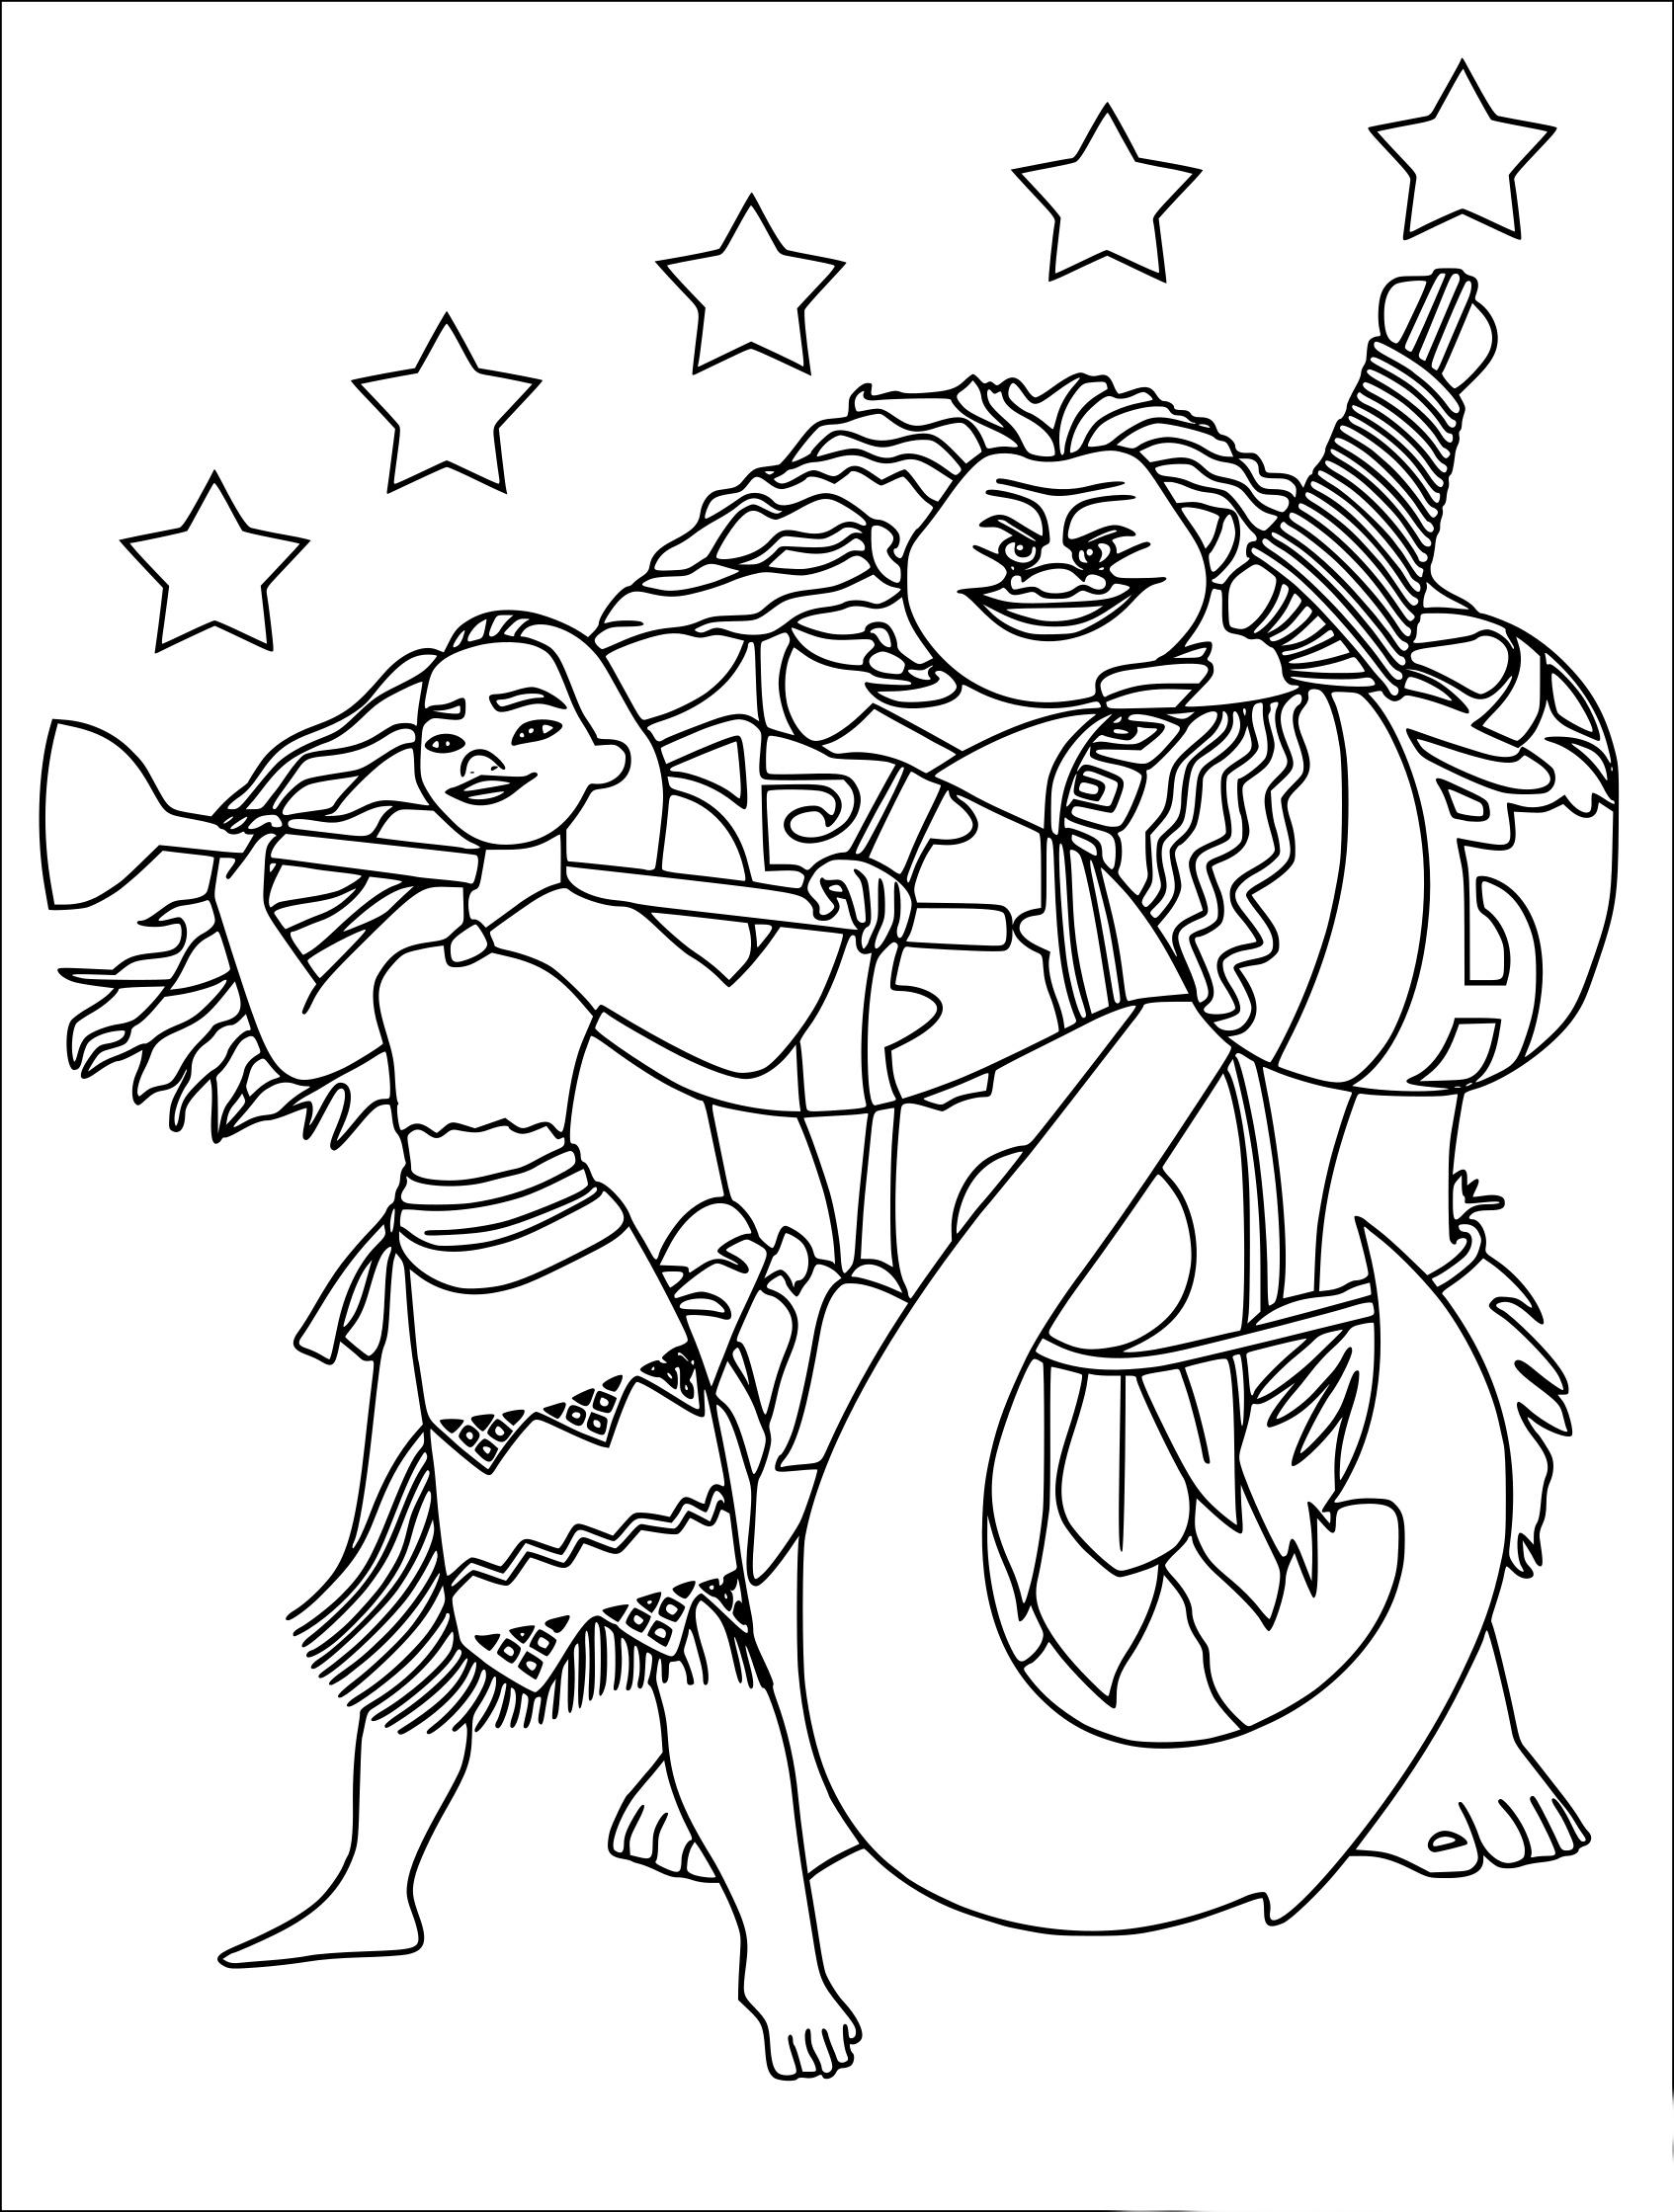 Coloriage Vaiana Et Maui à Imprimer Gratuit